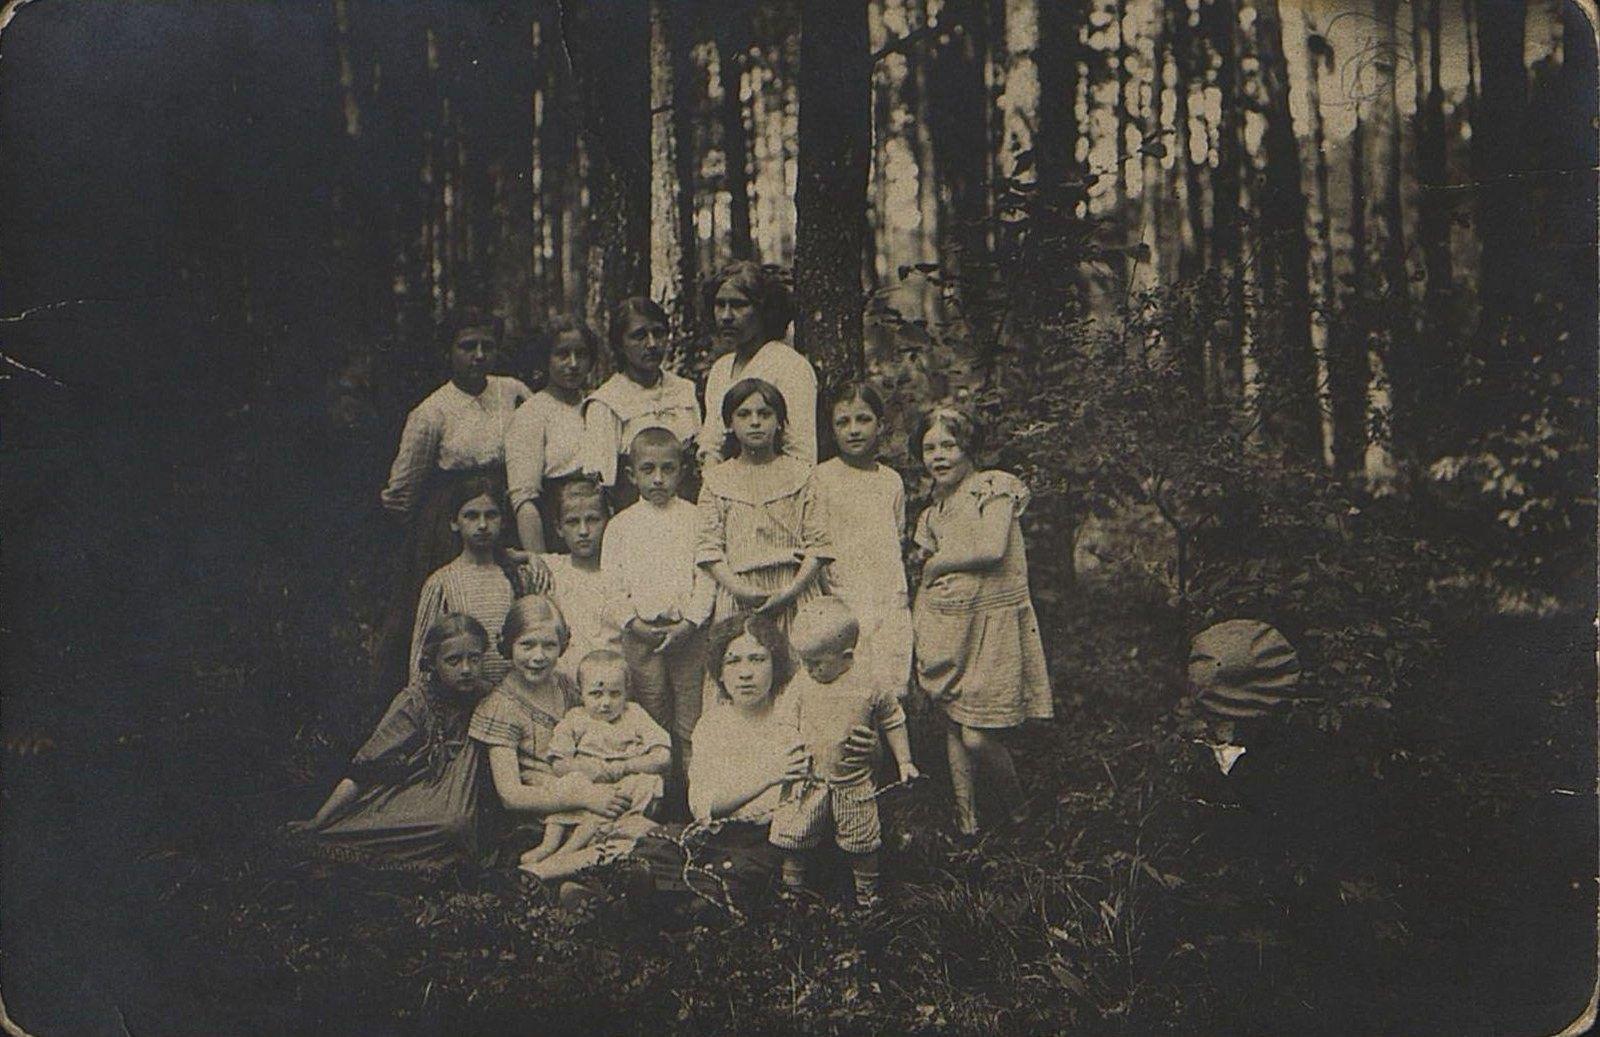 1910. Сёстры Усиевич Соня и Рая в группе